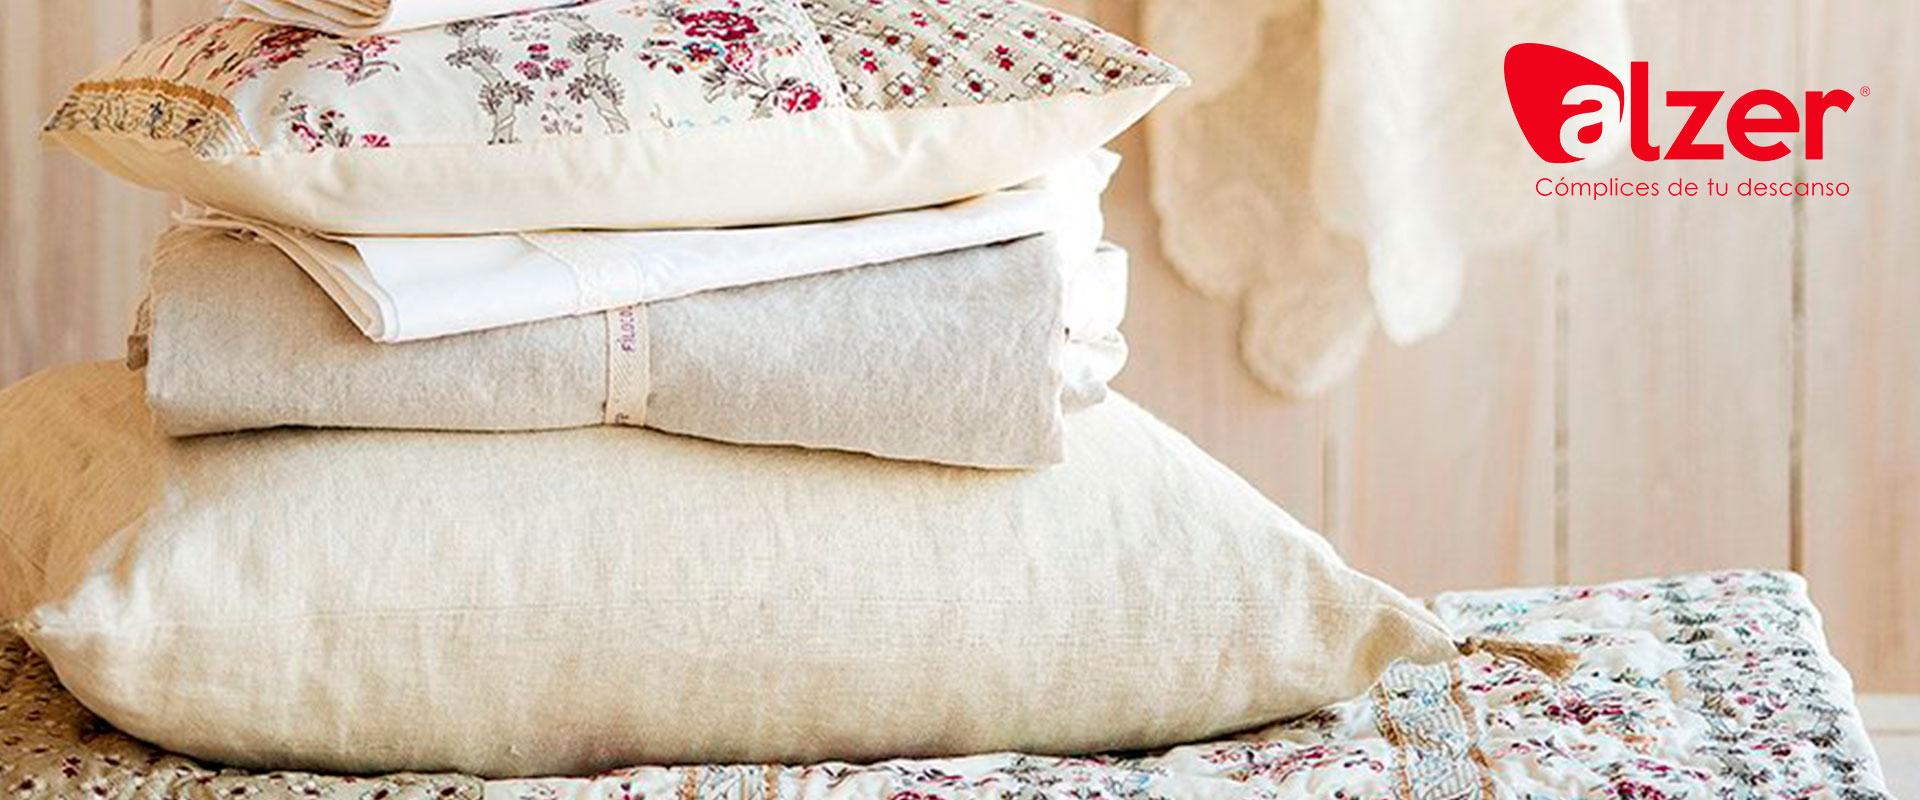 ¿Qué tan seguido debes lavar tus toallas y sábanas?